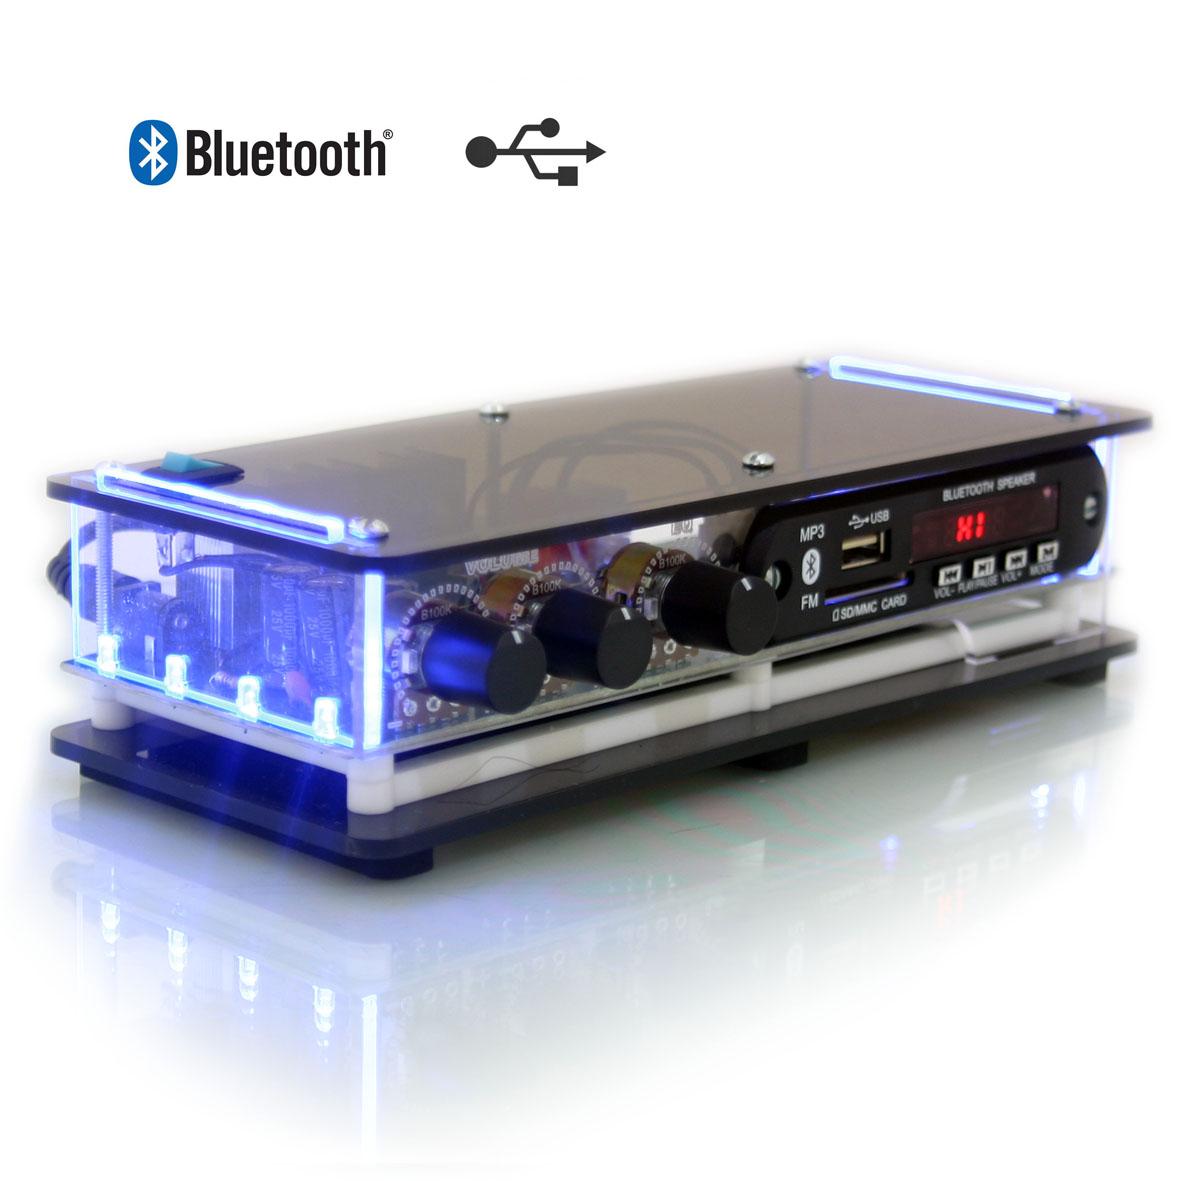 Kit som ambiente Mini amplificador Receiver USB FM Bluetooth e arandelas de embutir